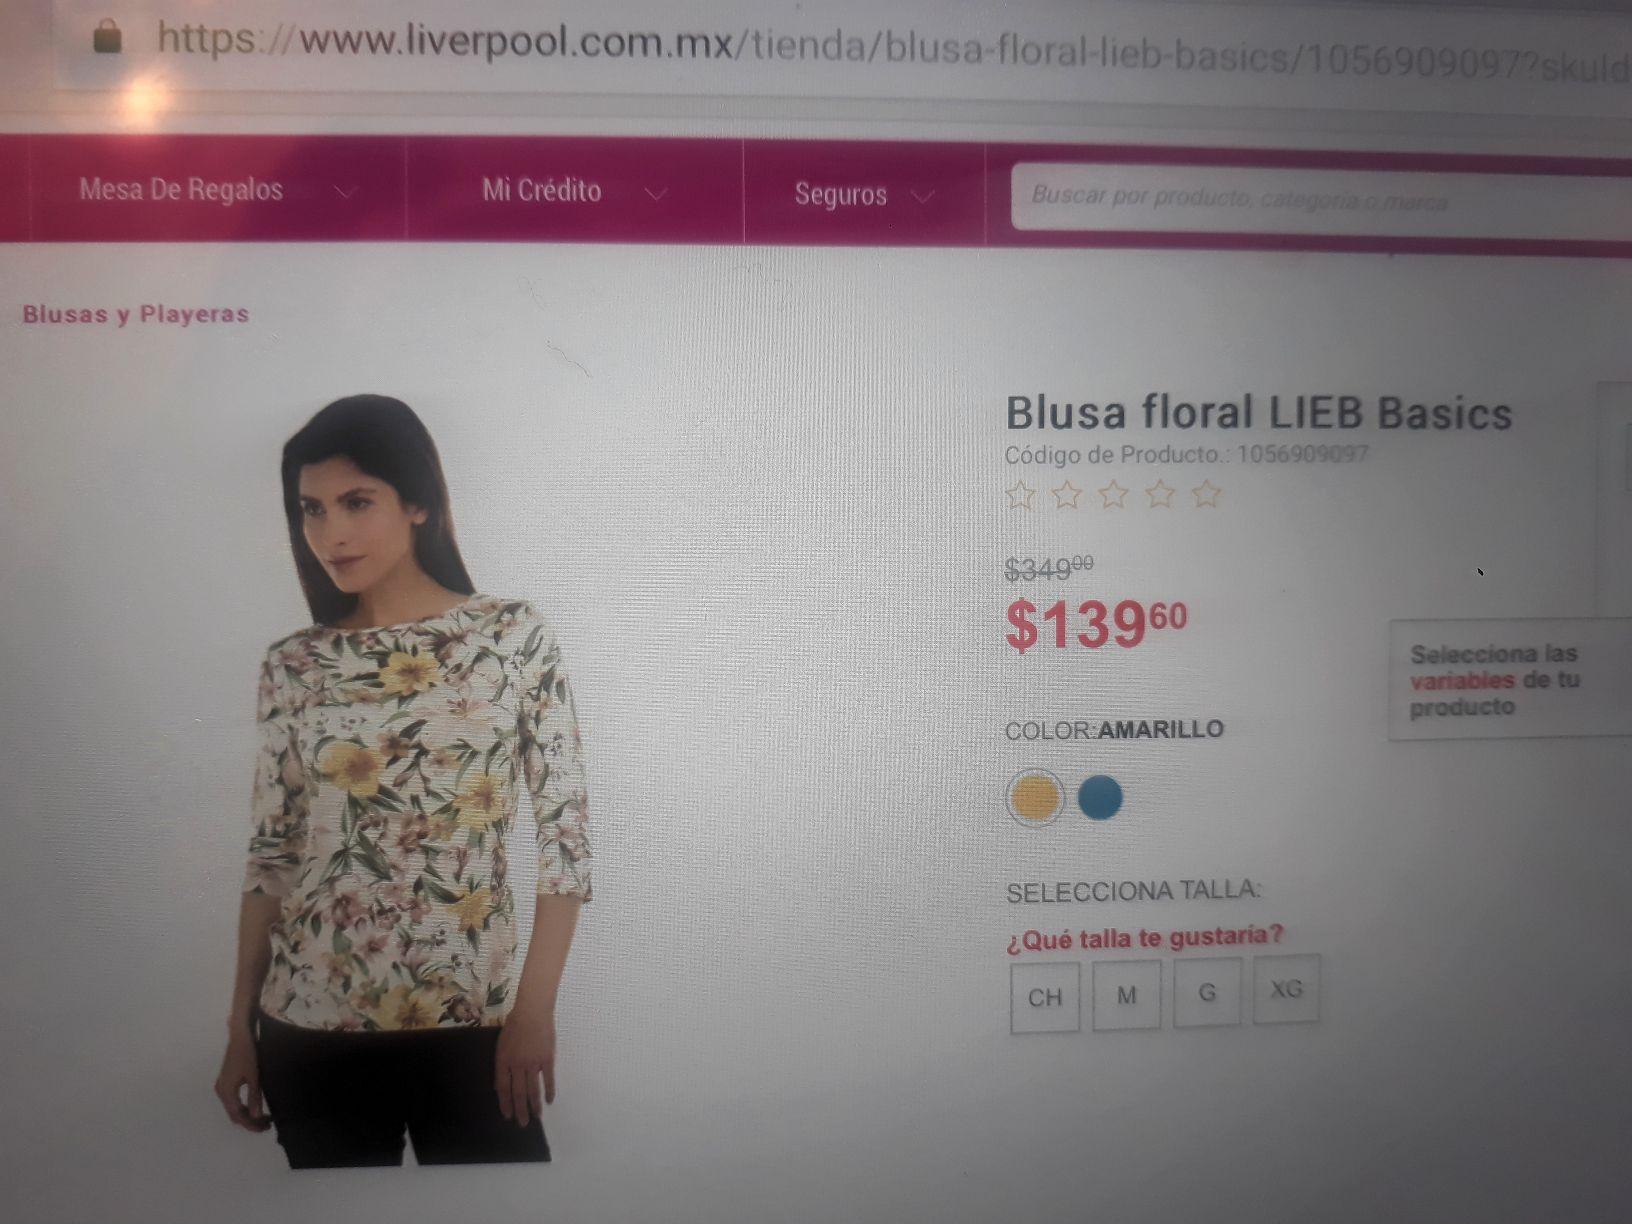 Liverpool: Blusa Floral Lieb Basics varias tallas - internet descuentos ropa de dama